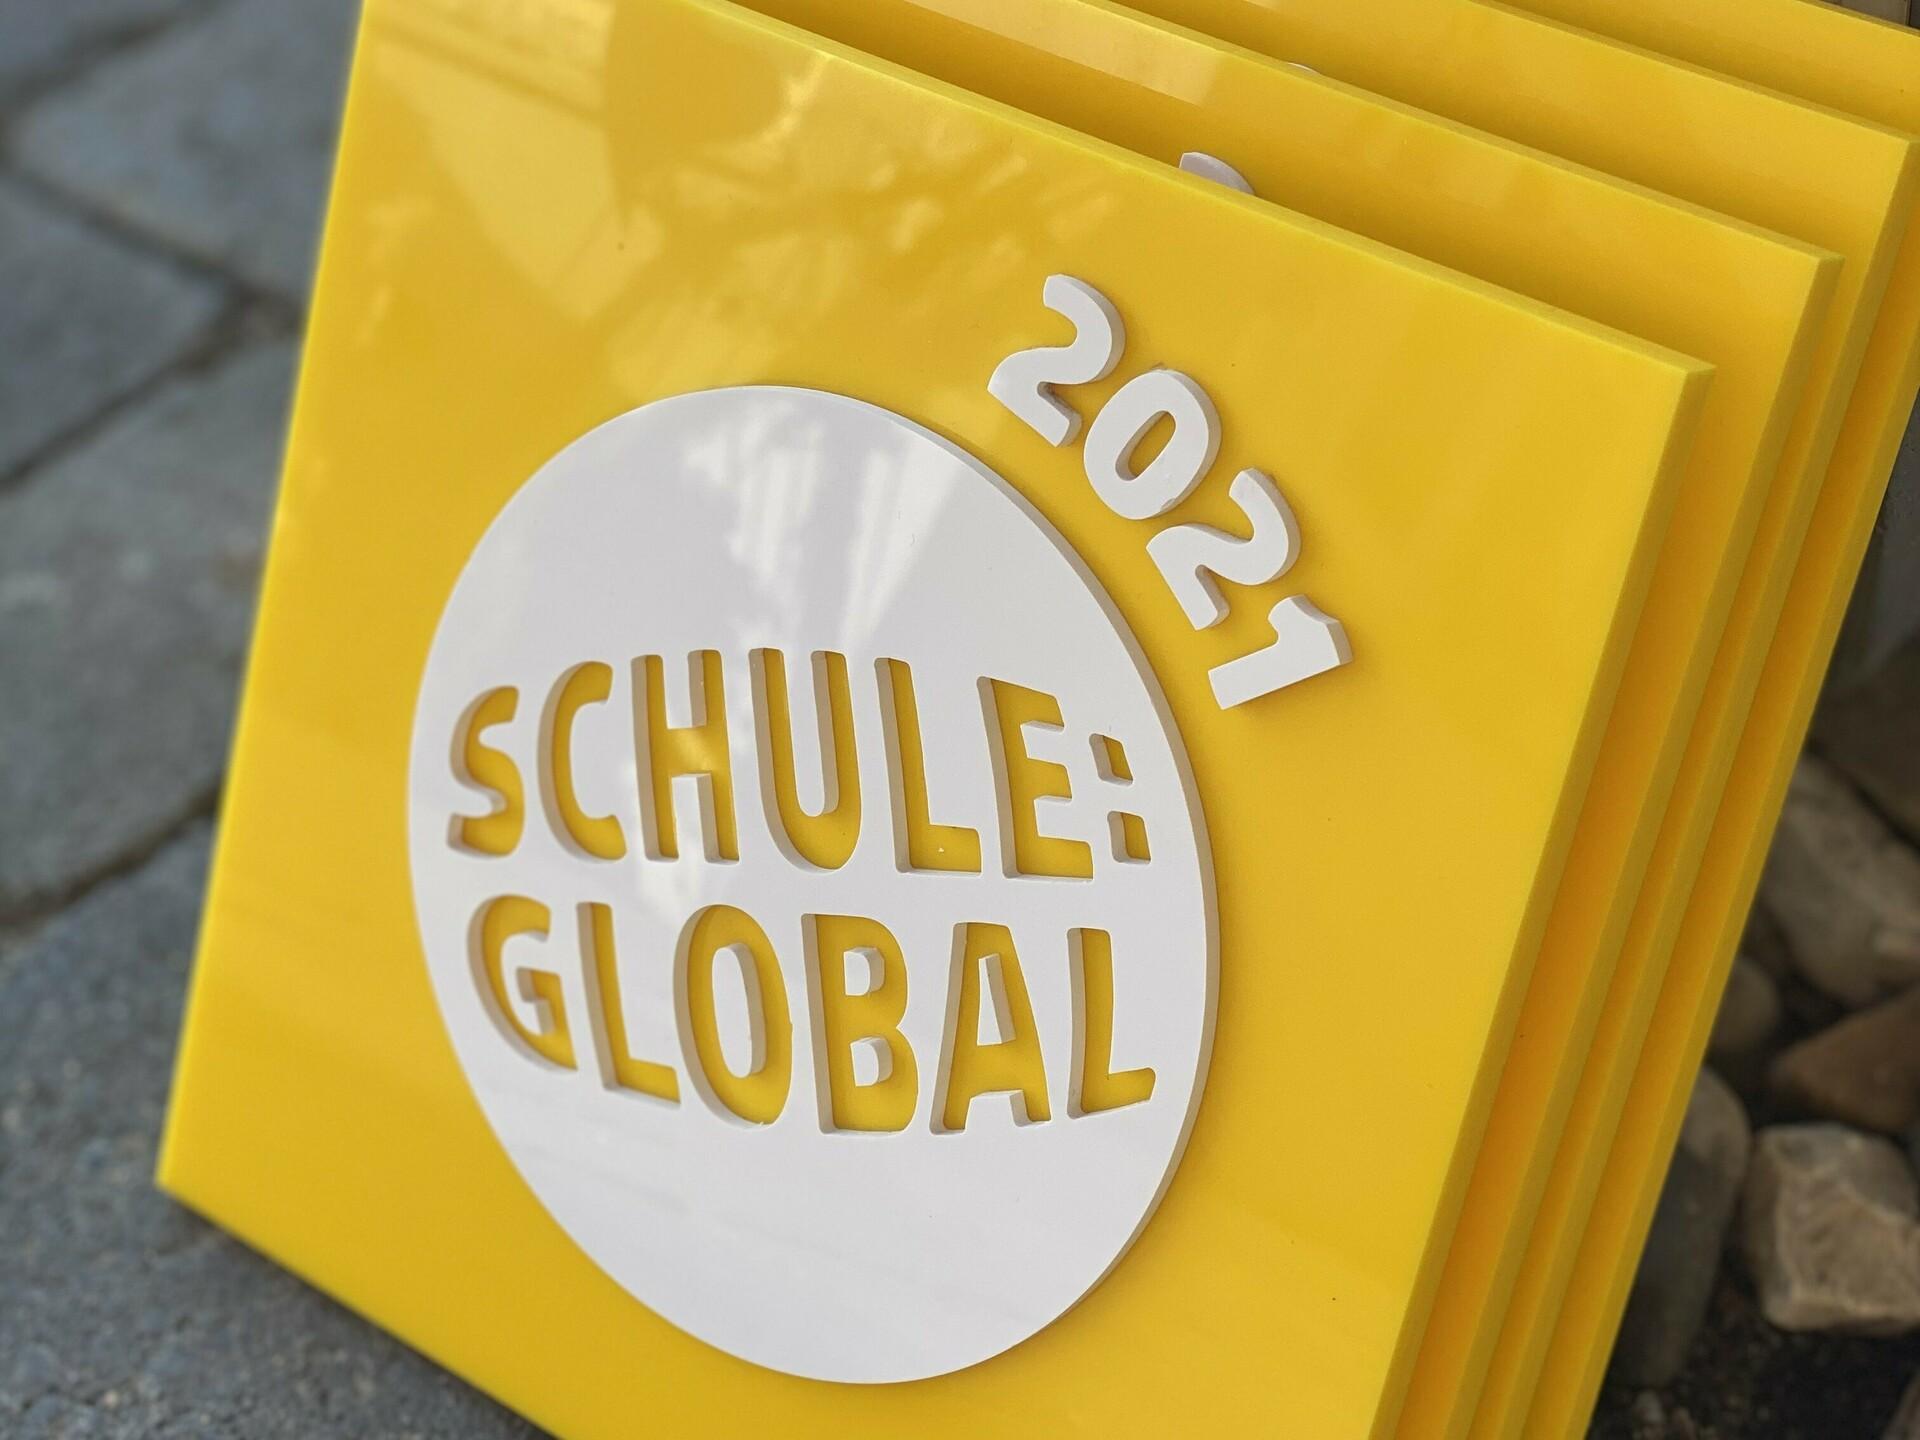 Schüleraustausch Infos für Lehrer Schule:Global